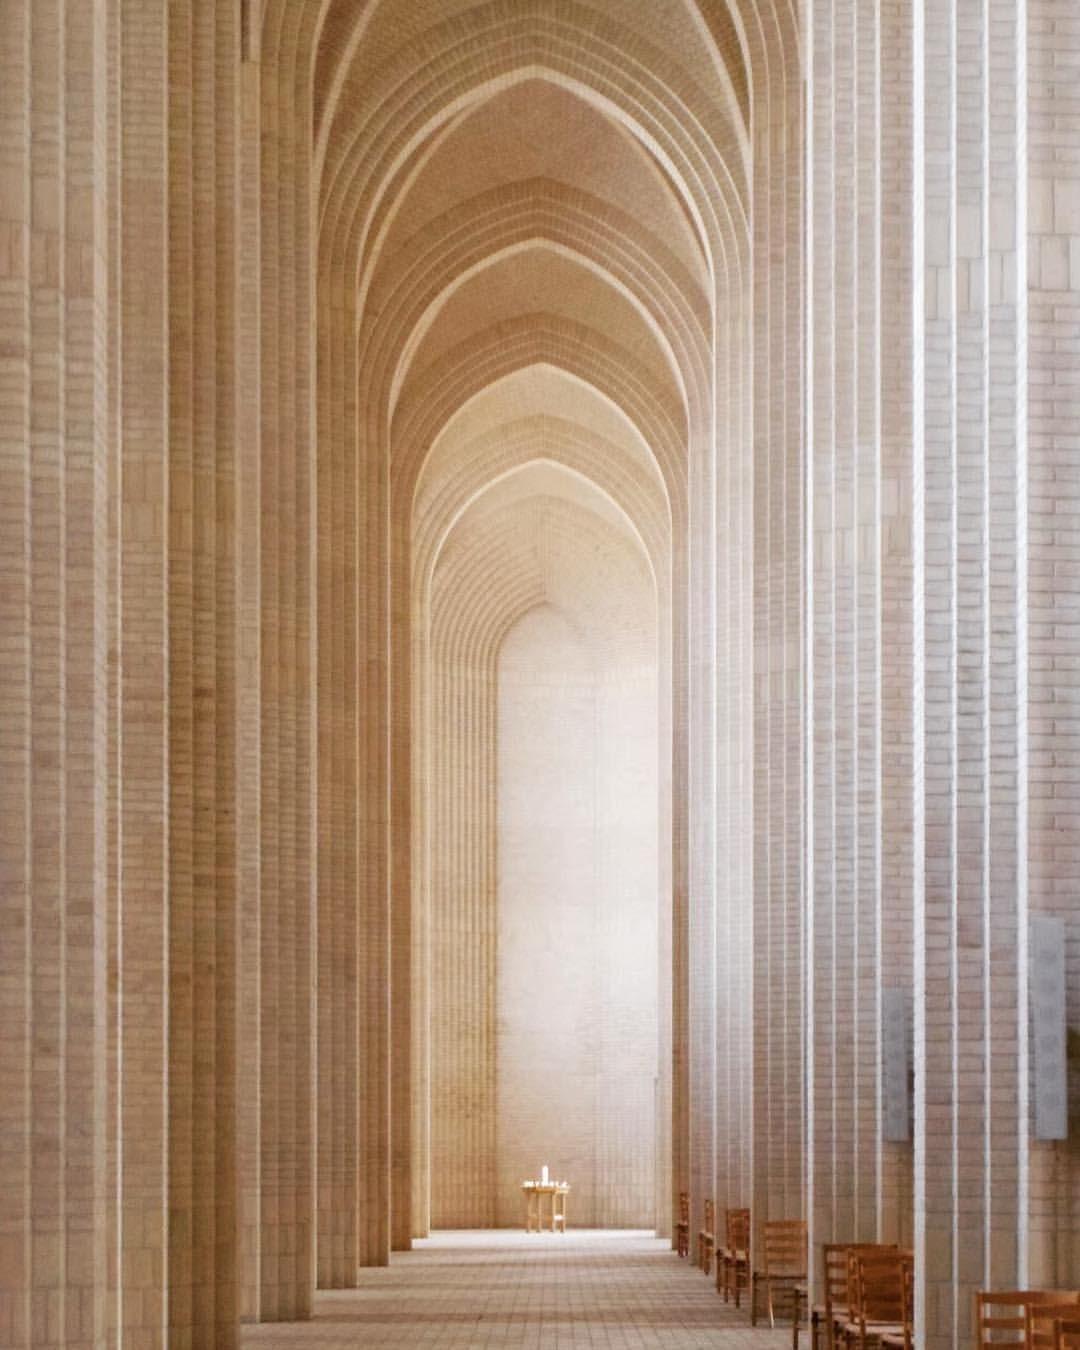 1 Grundtvigs Kirke おすすめの建築は とデンマーク人に聞くと